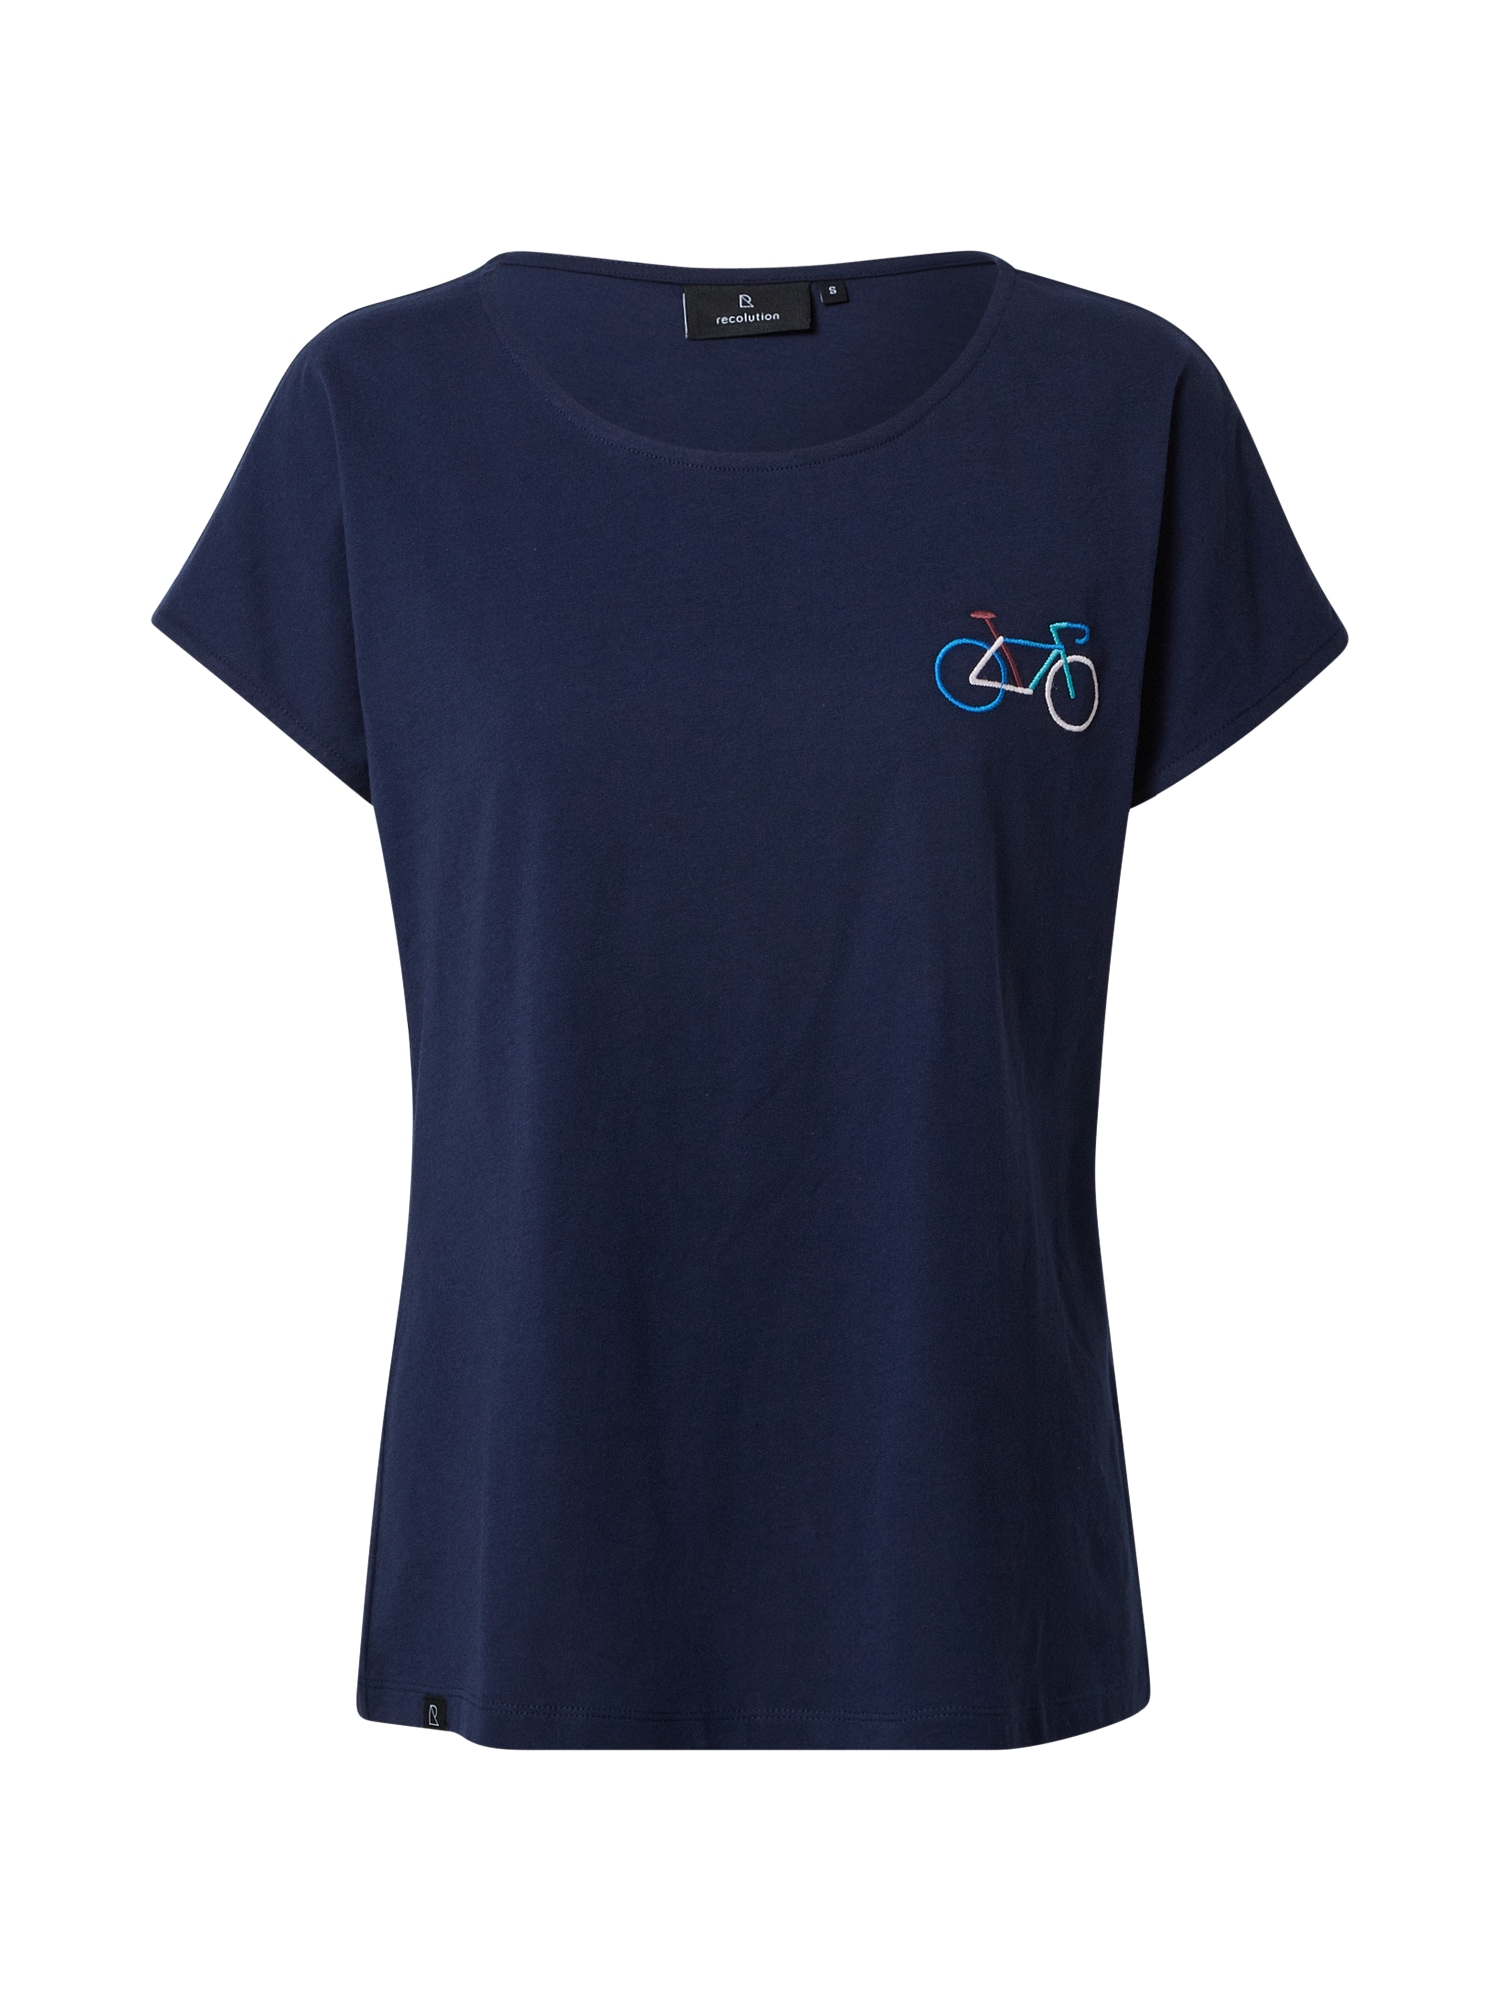 recolution Marškinėliai tamsiai mėlyna / dangaus žydra / balta / vyno raudona spalva